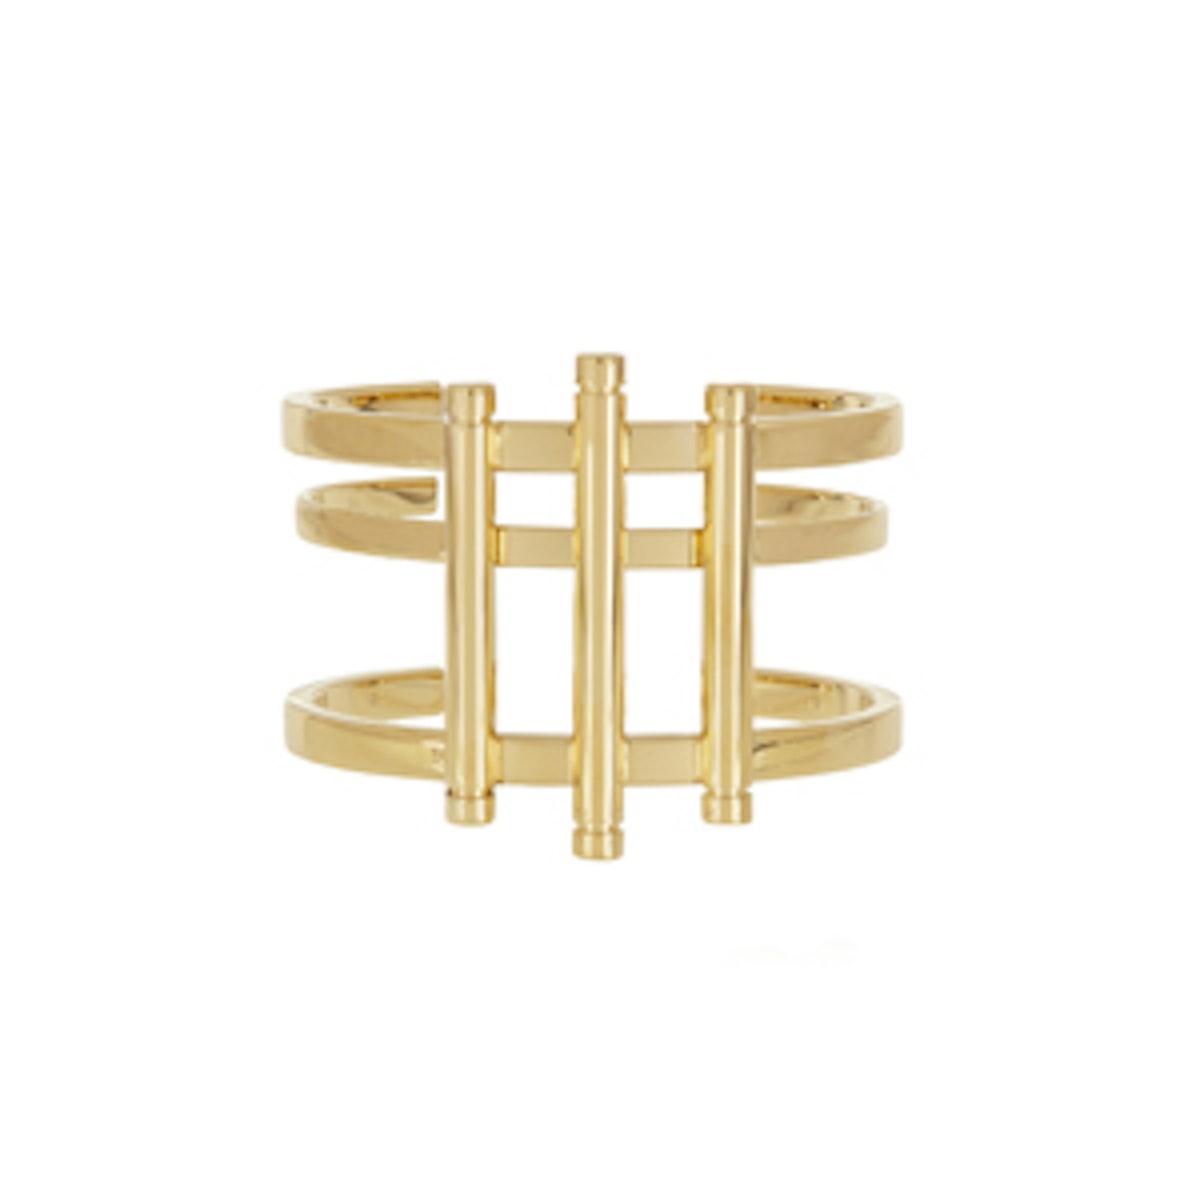 Gold-Tone Bar Cuff